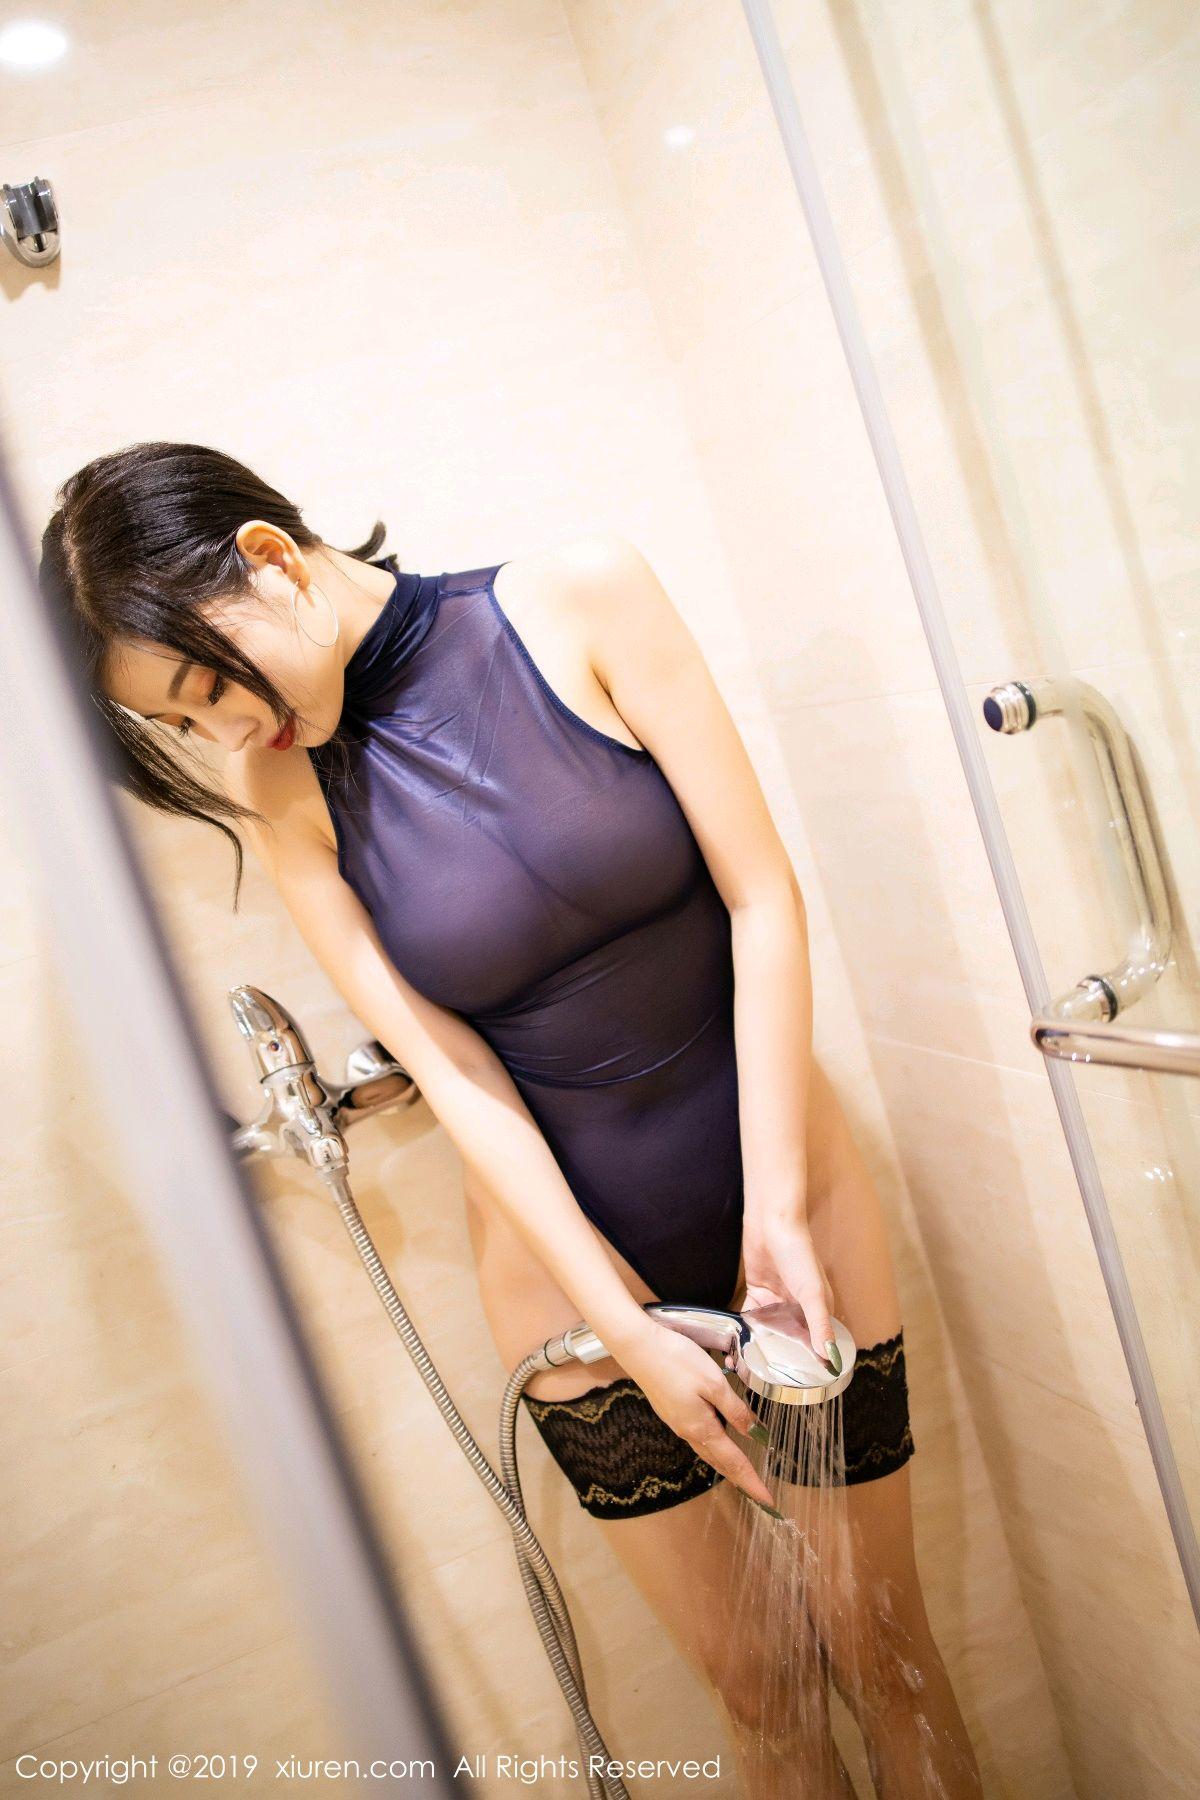 [XiuRen] Vol.1797 Yang Chen Chen 34P, Adult, Bathroom, Wet, Xiuren, Yang Chen Chen